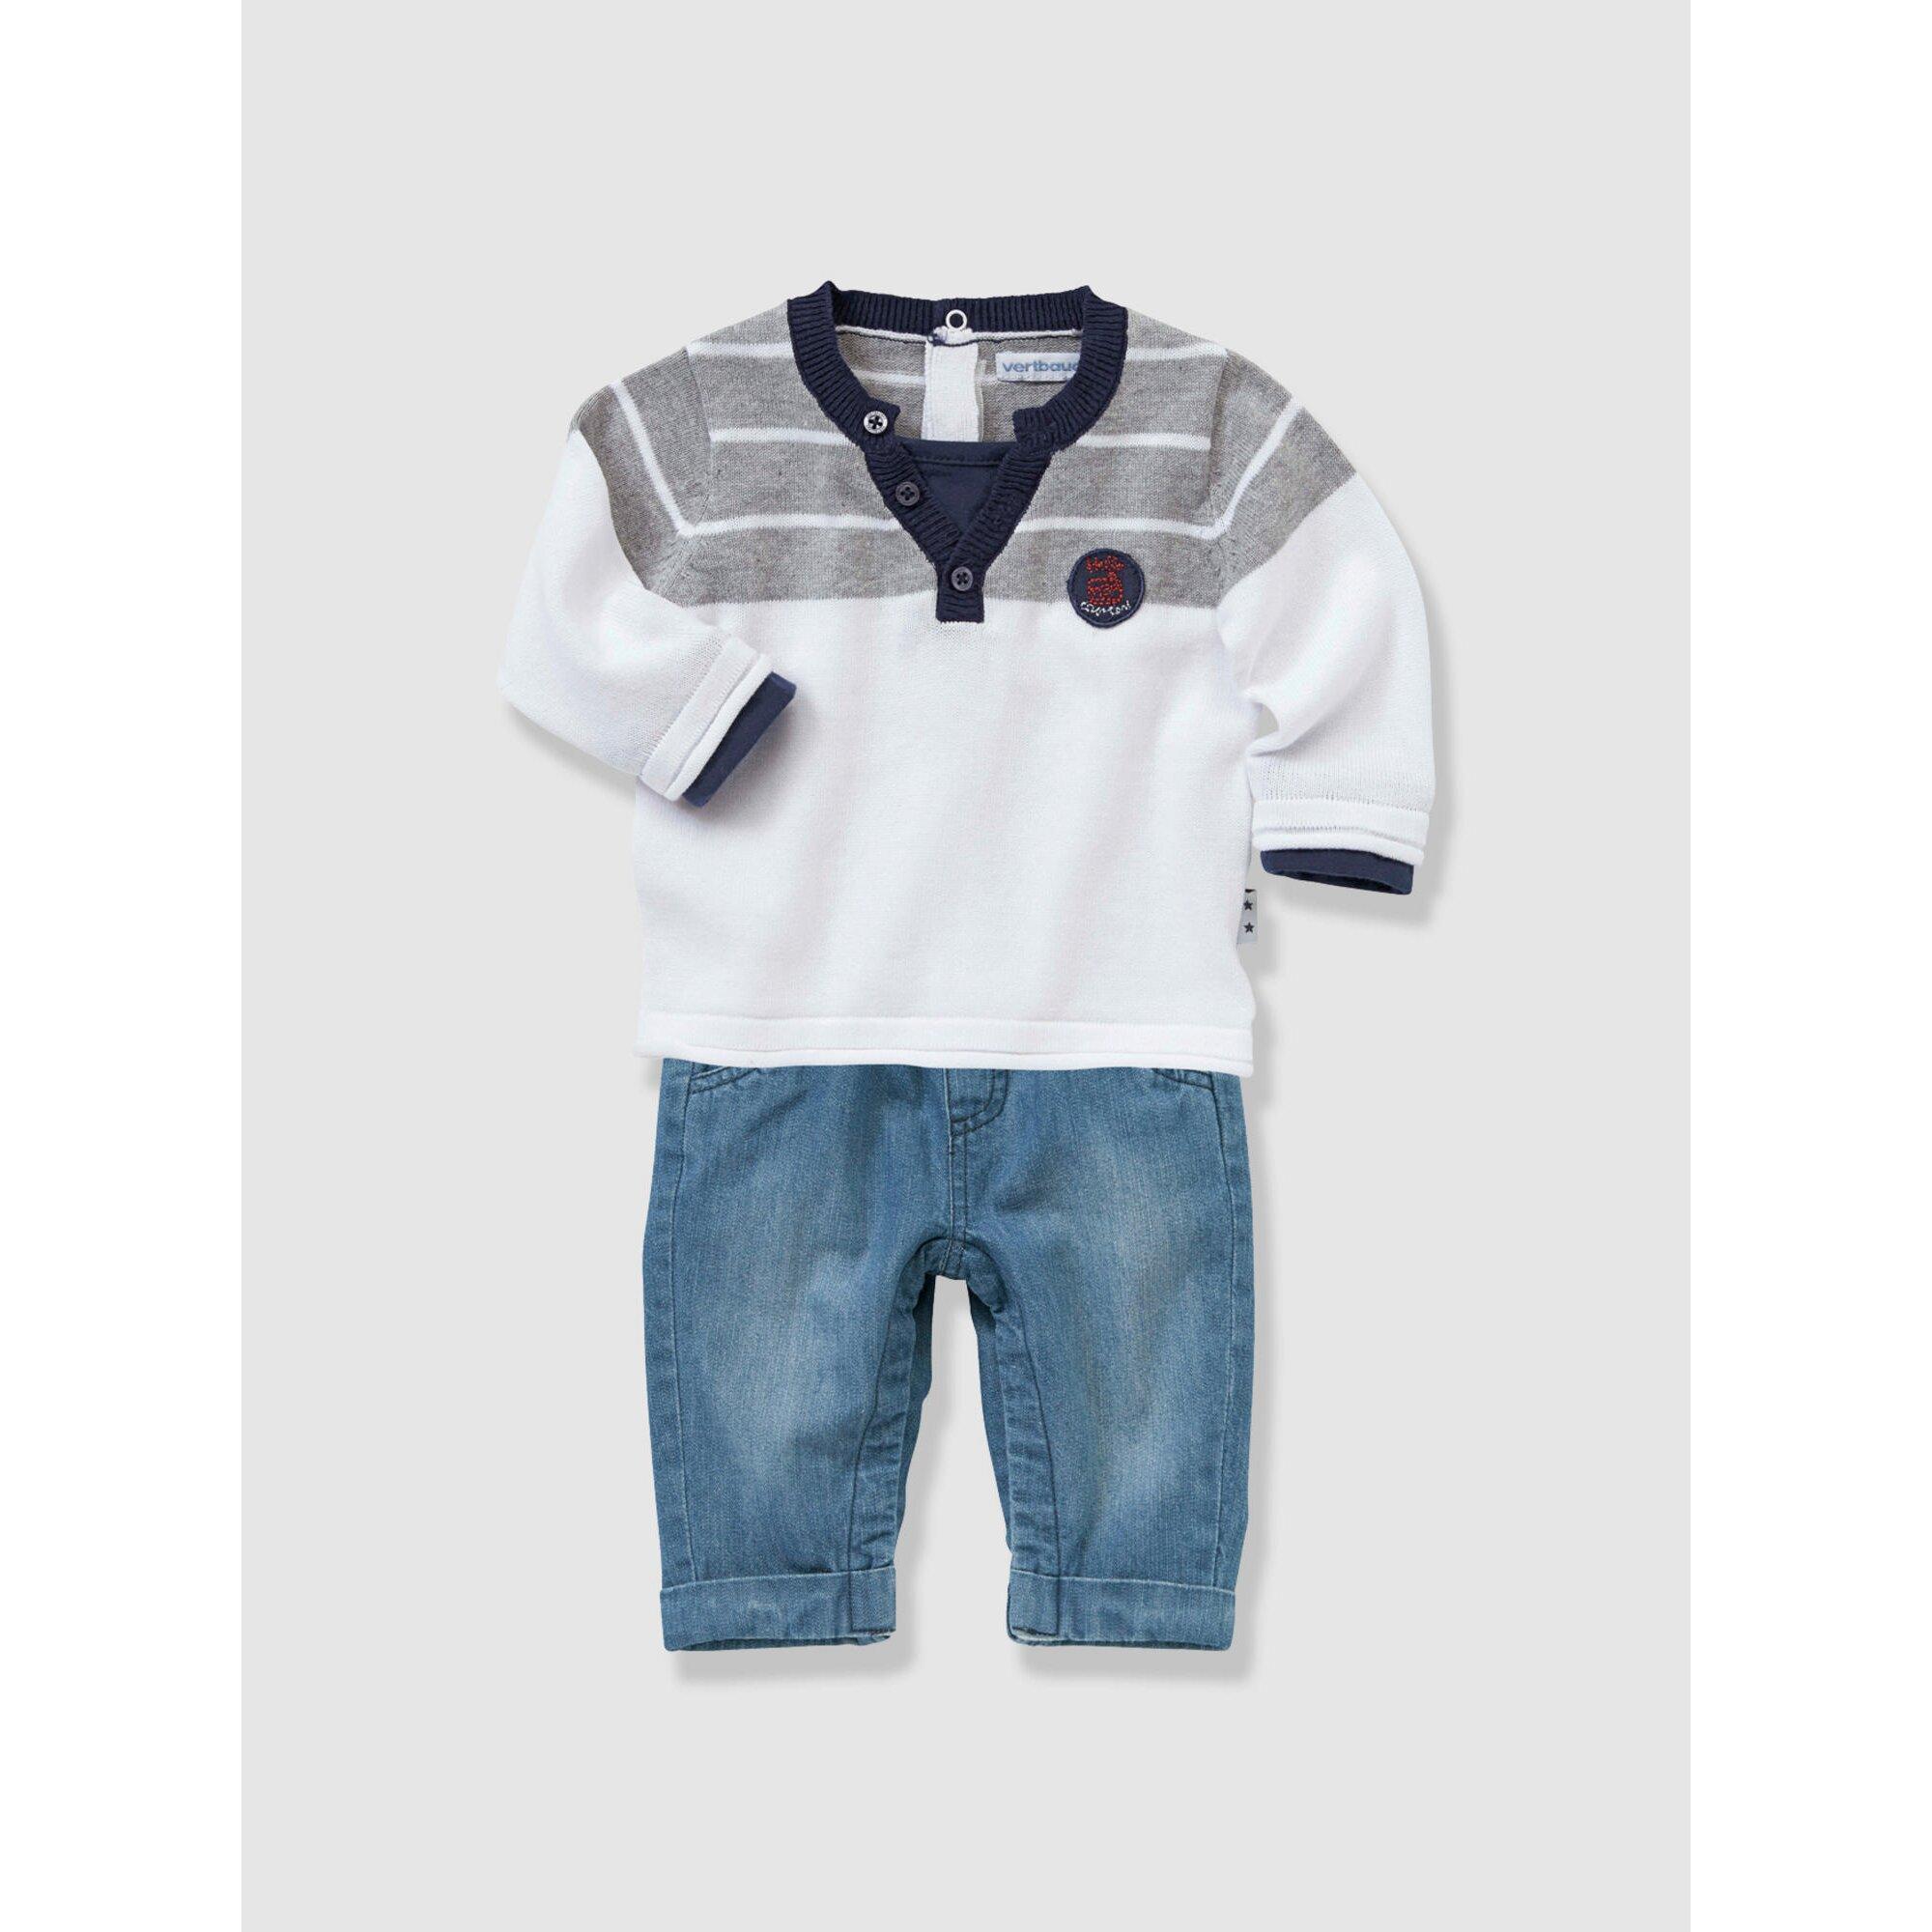 vertbaudet-jungenset-aus-baby-pullover-und-jeans